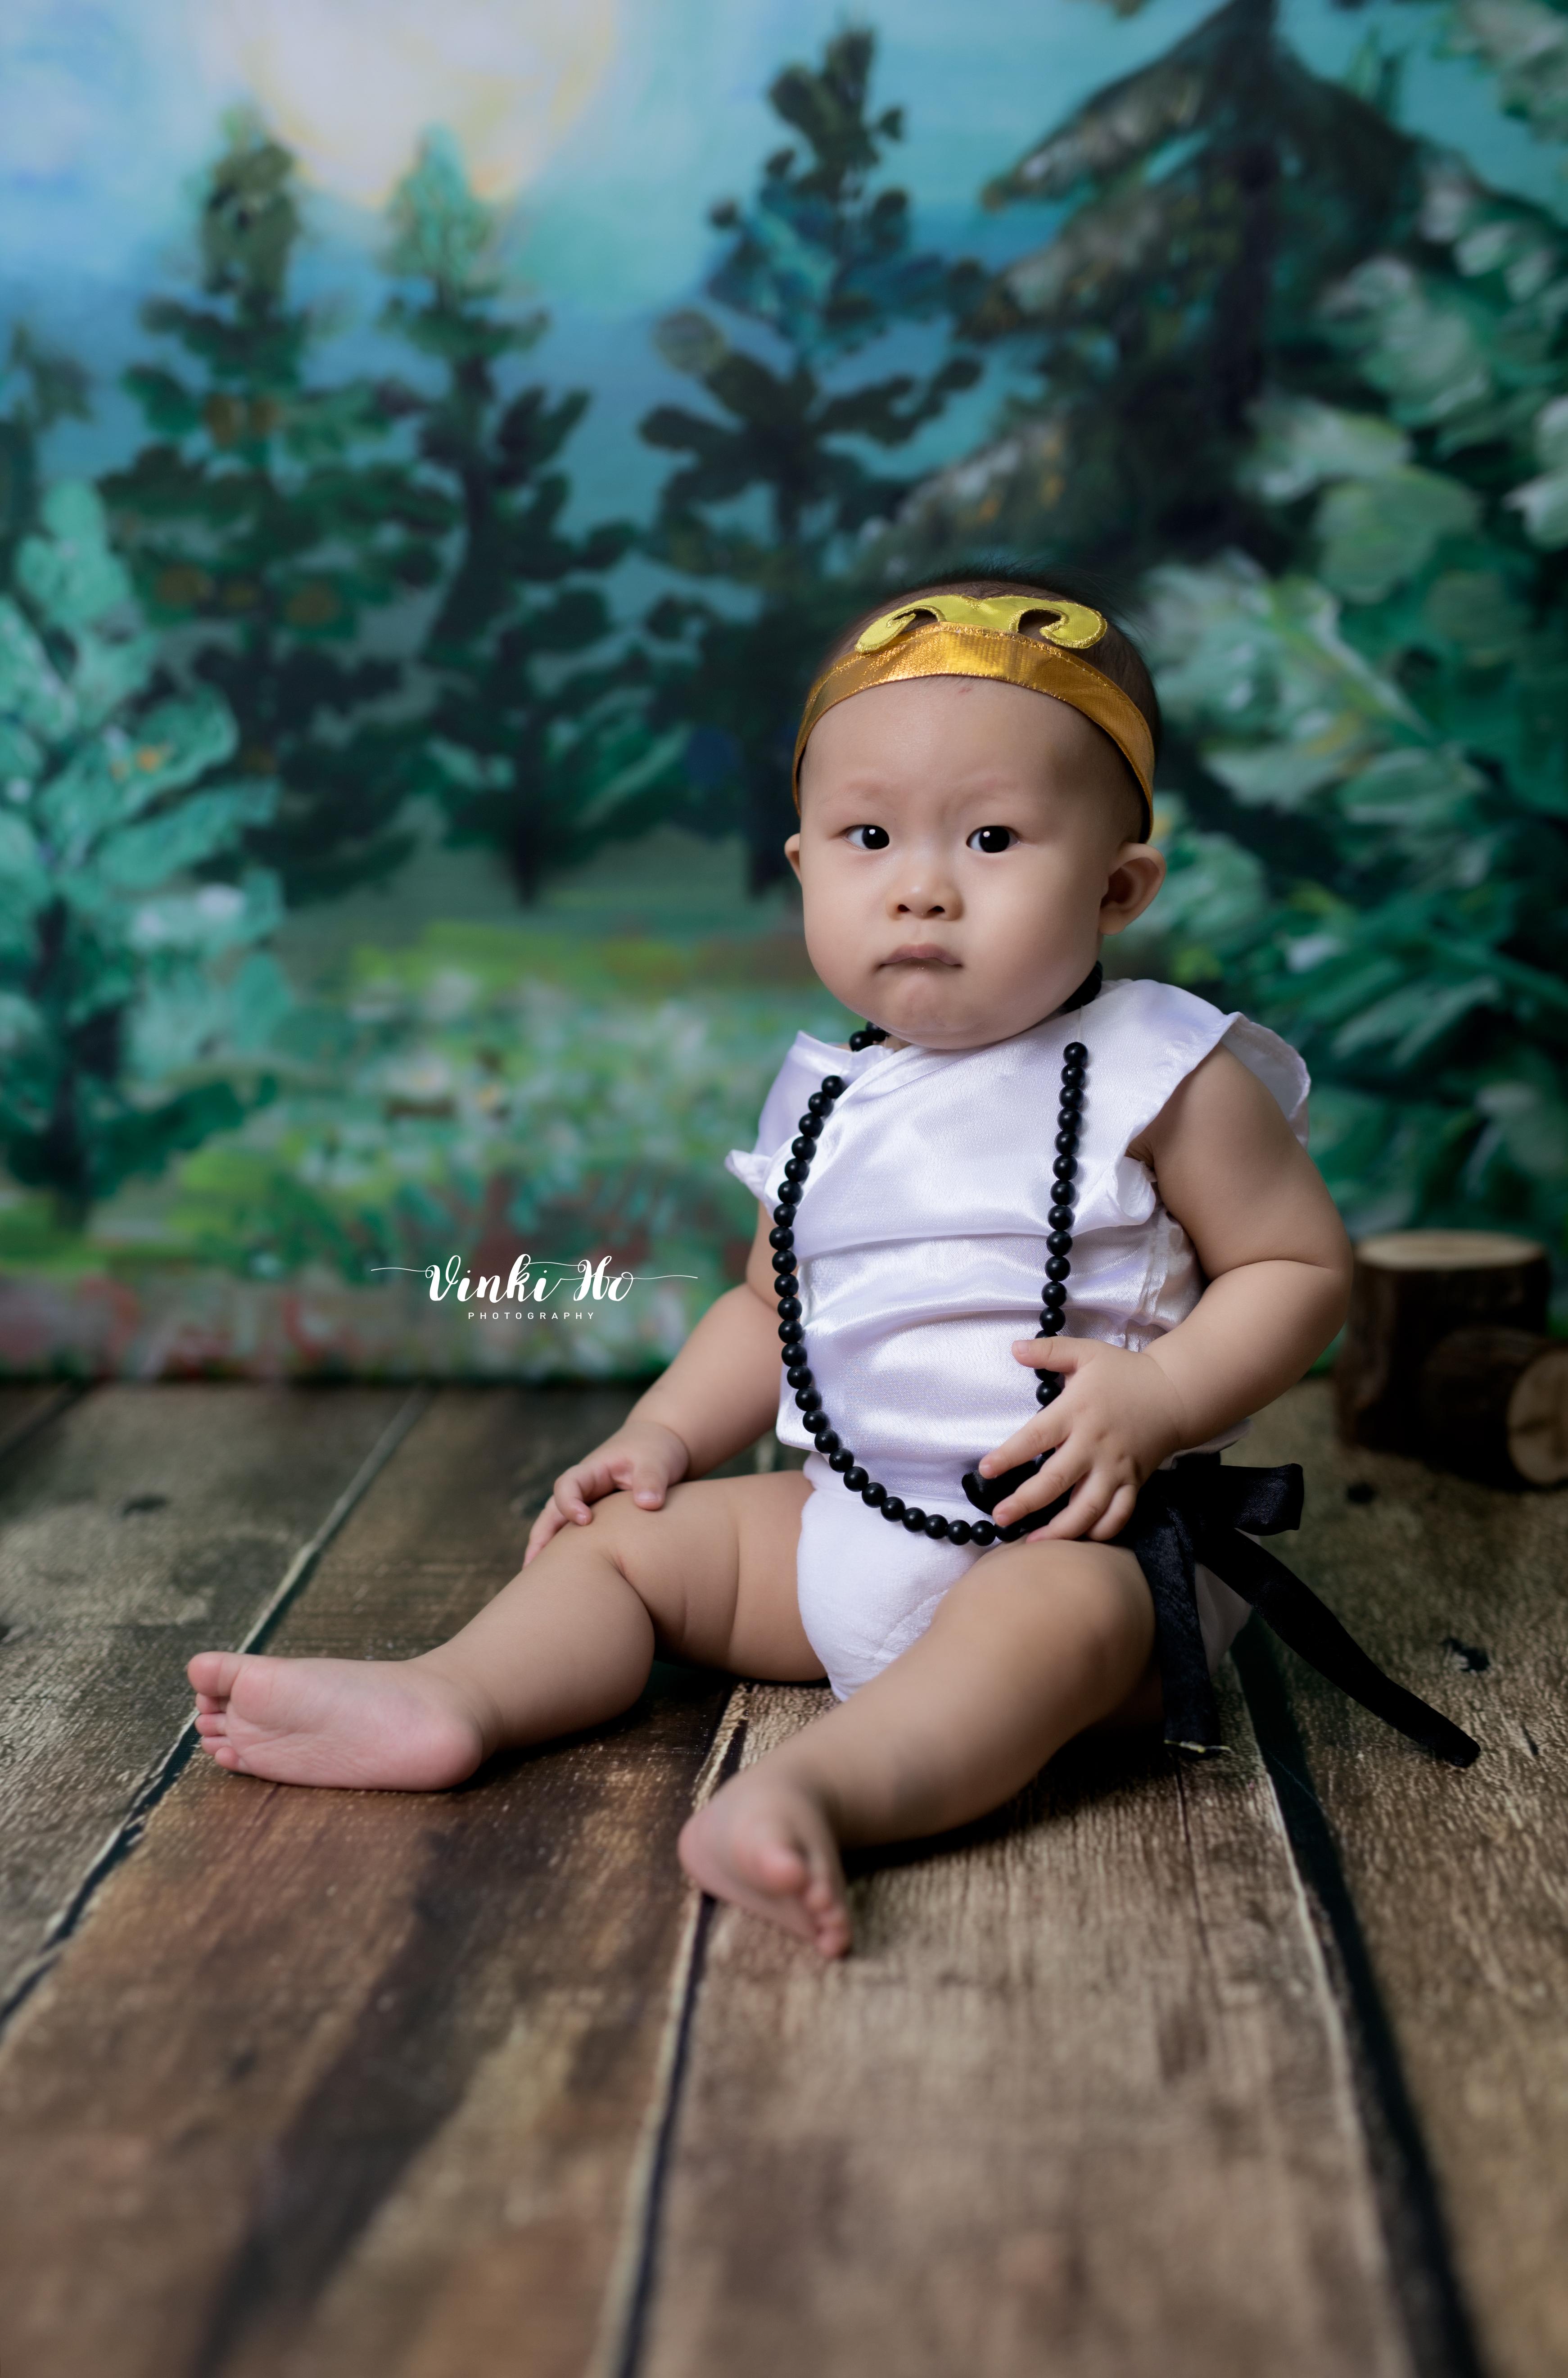 Studio_Baby Anton 9mth old